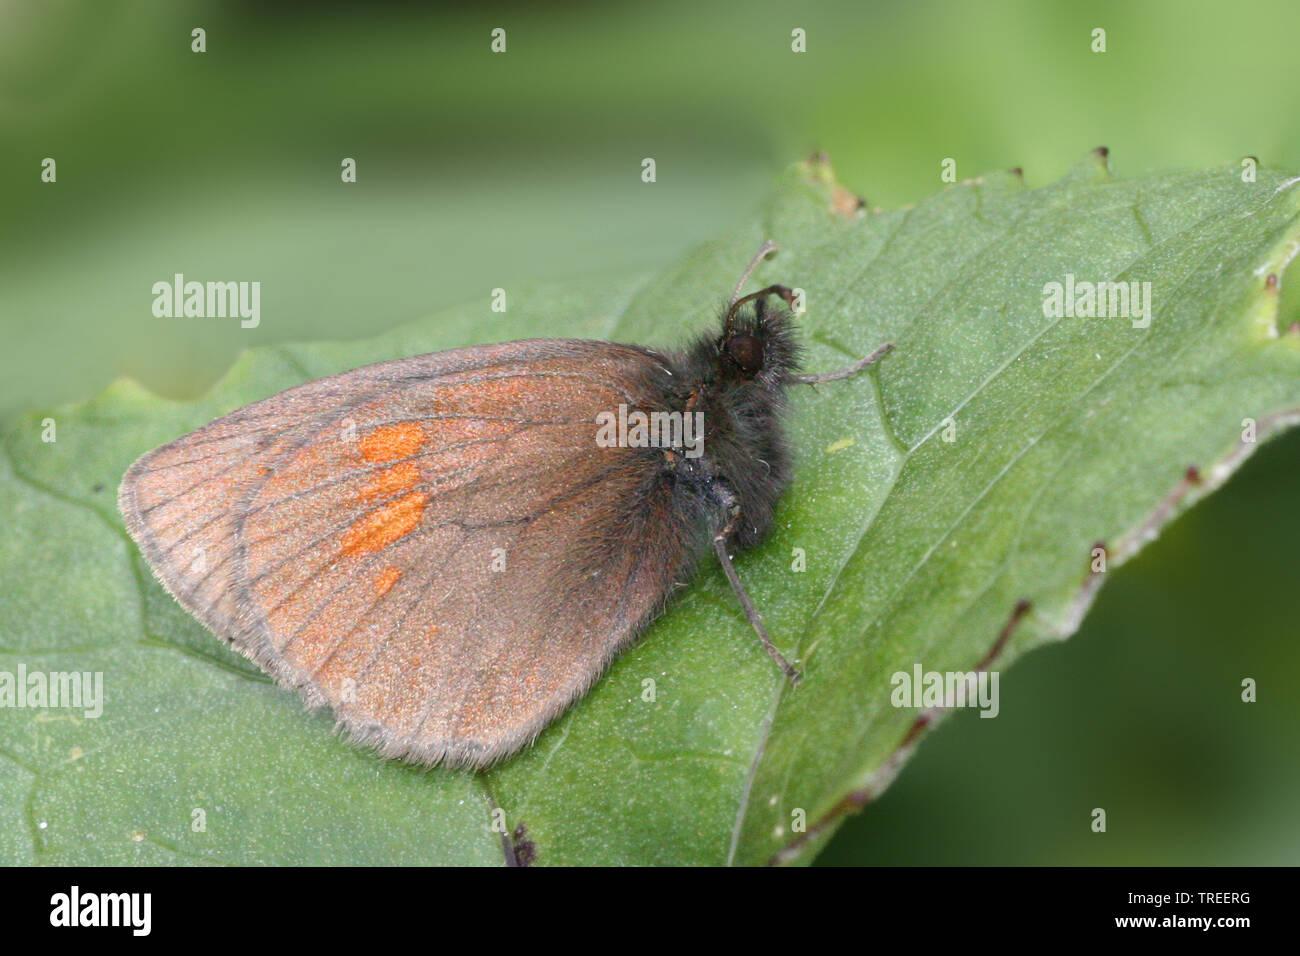 Kleiner Mohrenfalter (Erebia melampus), sitzt auf einem Blatt, Niederlande | Lesser mountain ringlet (Erebia melampus), sits on a leaf, Netherlands | - Stock Image